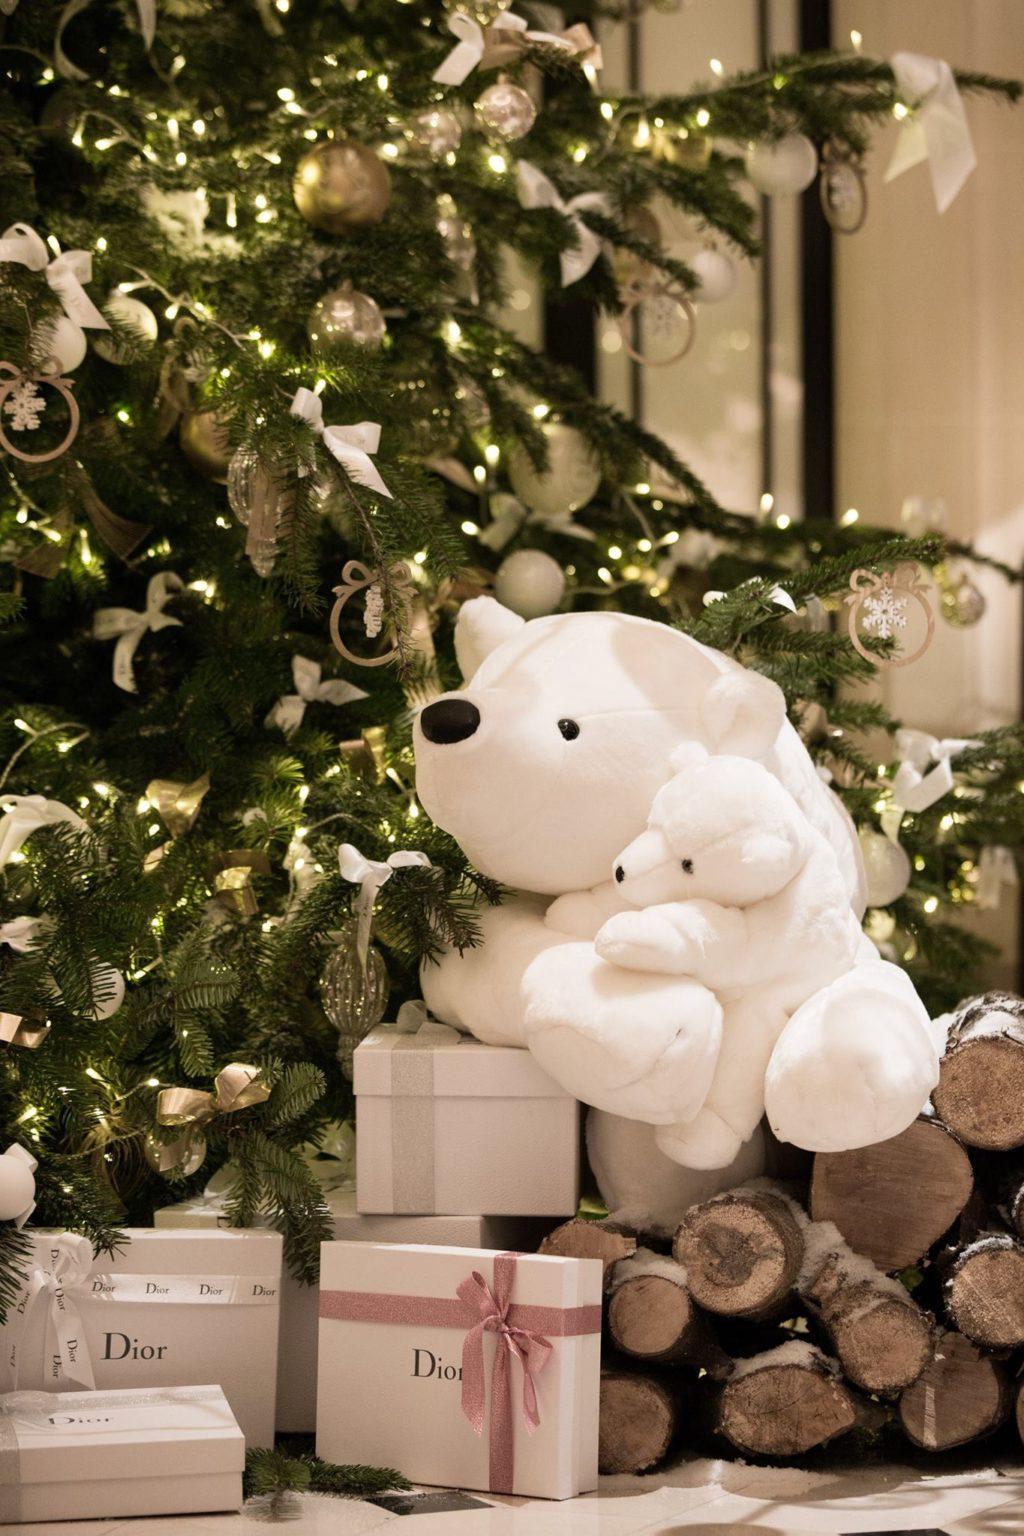 Dior Christmas Tree